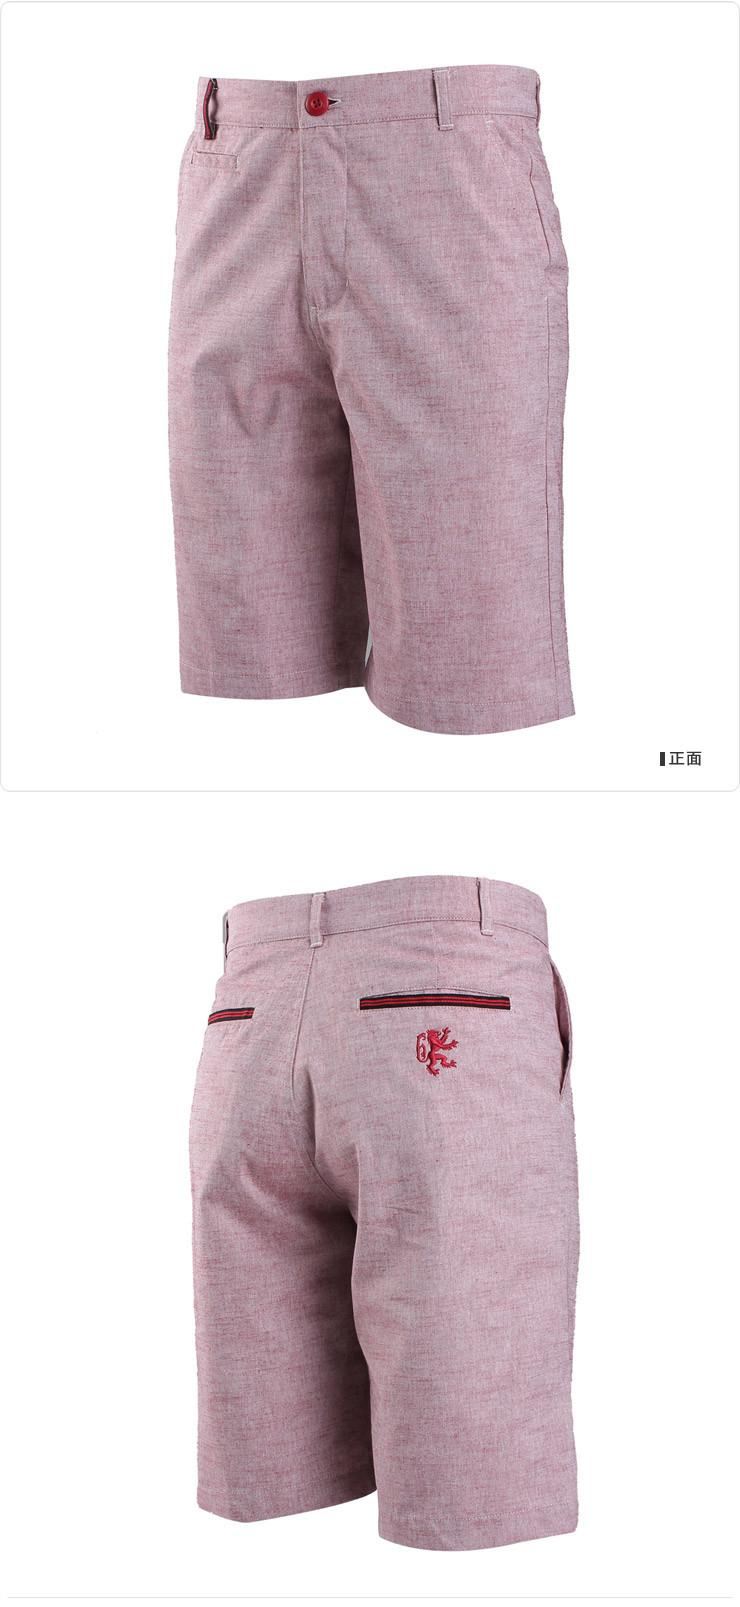 耐克nike2014新款男装休闲短裤运动服詹姆斯系列系列